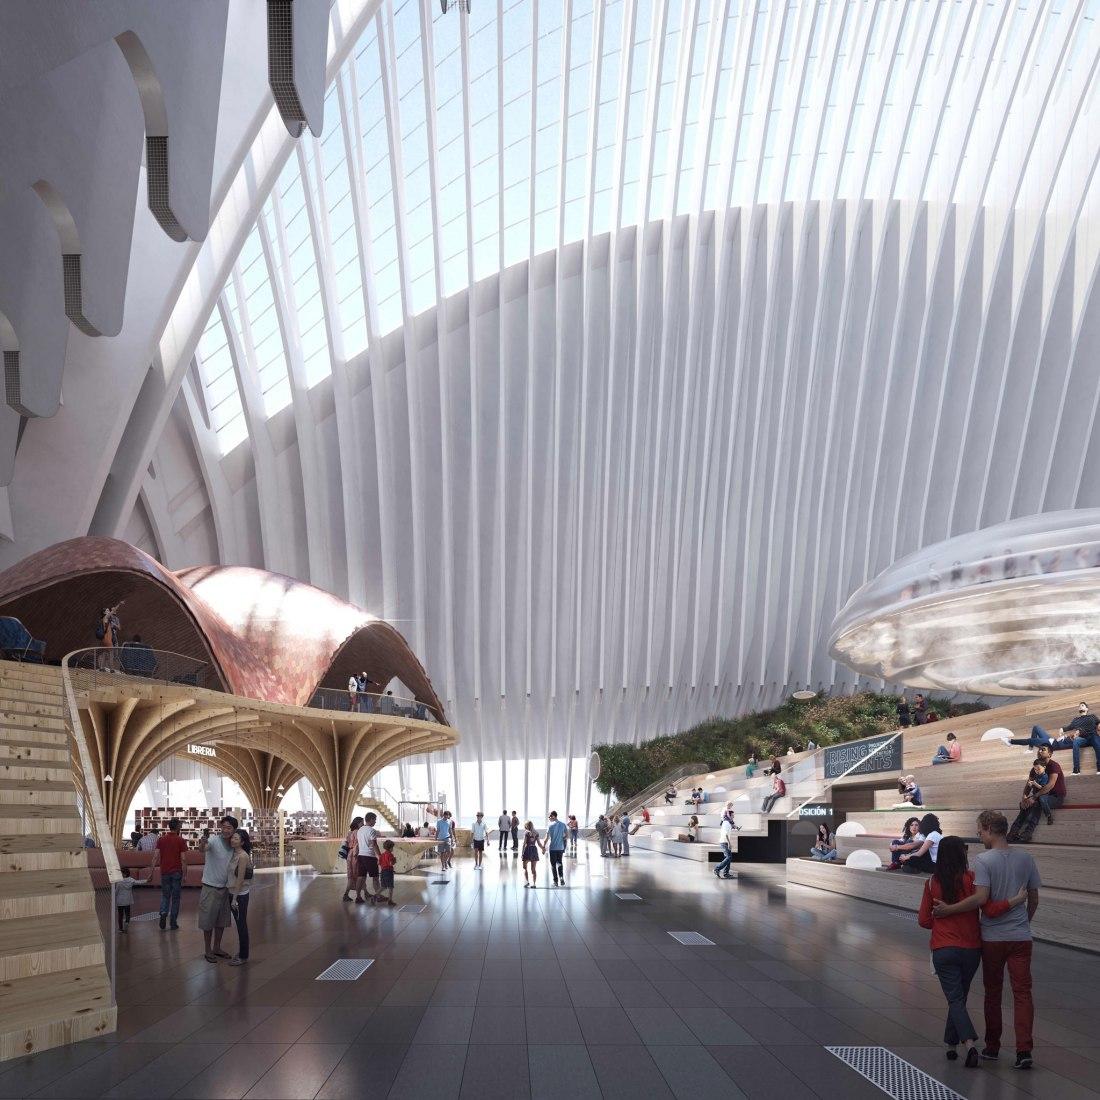 Interior rendering. New CaixaForum of Valencia by Ruiz-Geli. Image courtesy of Caixa Forum